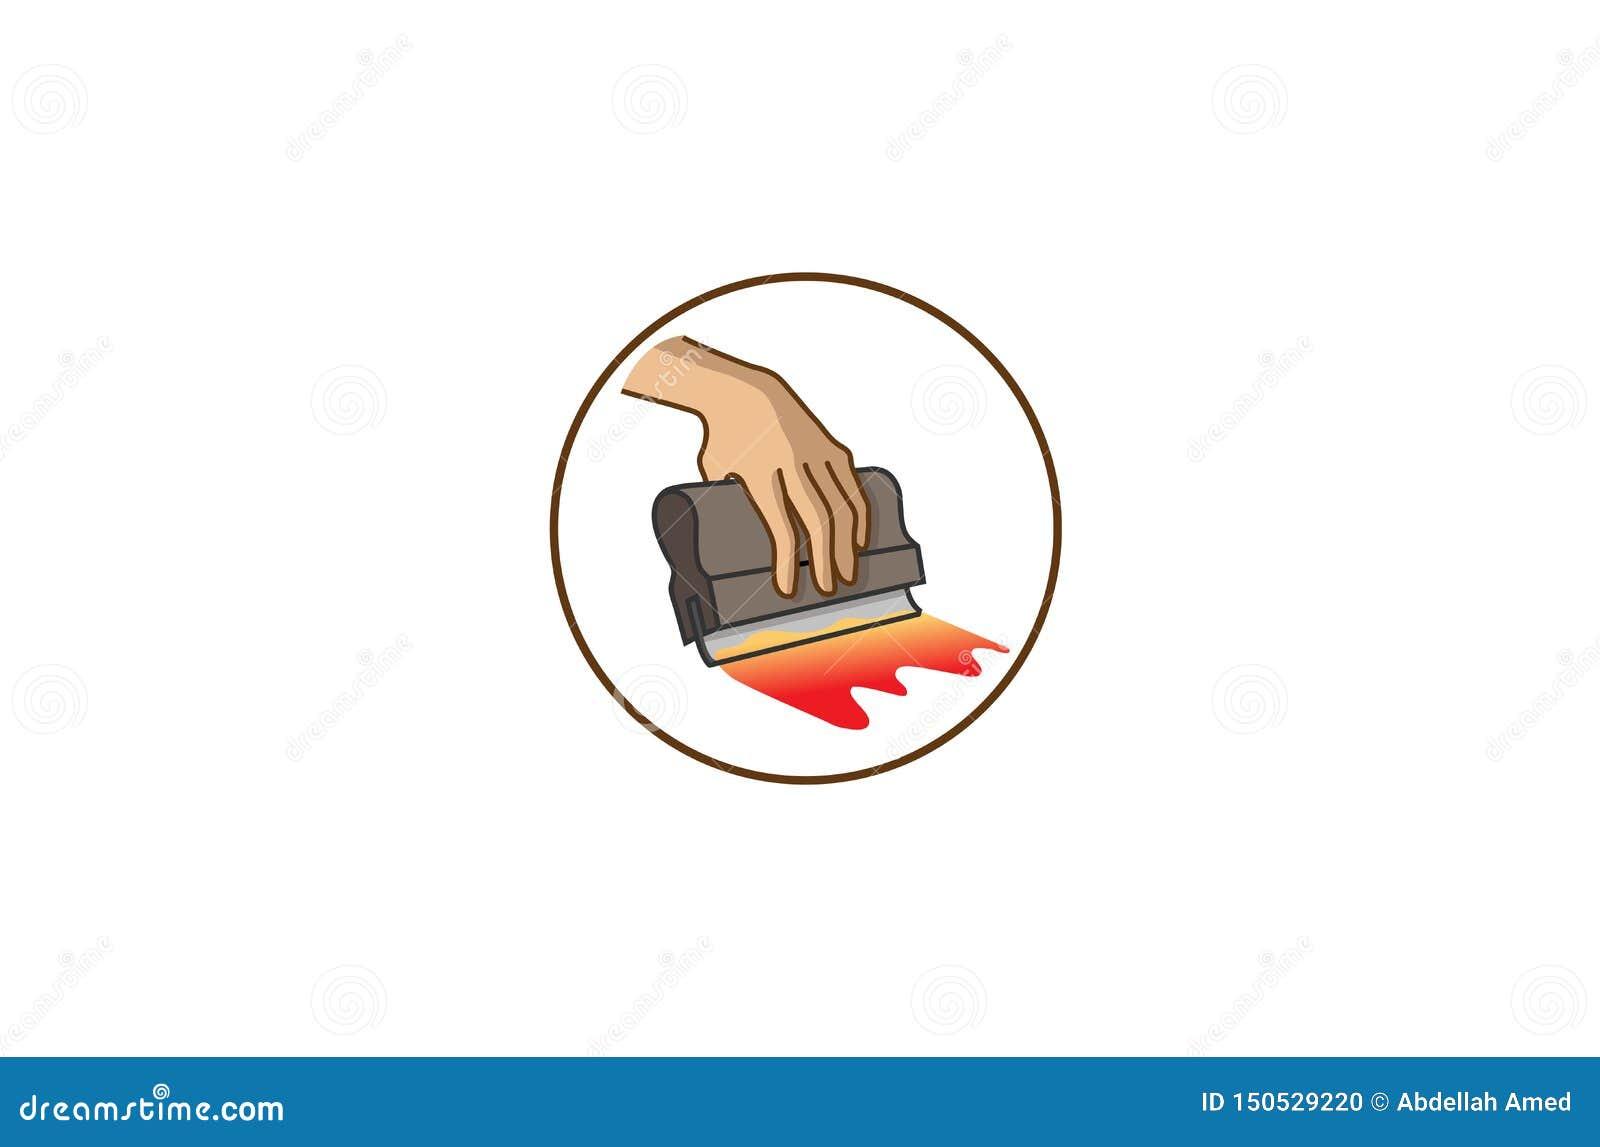 创造性的圈子橡皮刮板丝网印刷商标标志传染媒介例证